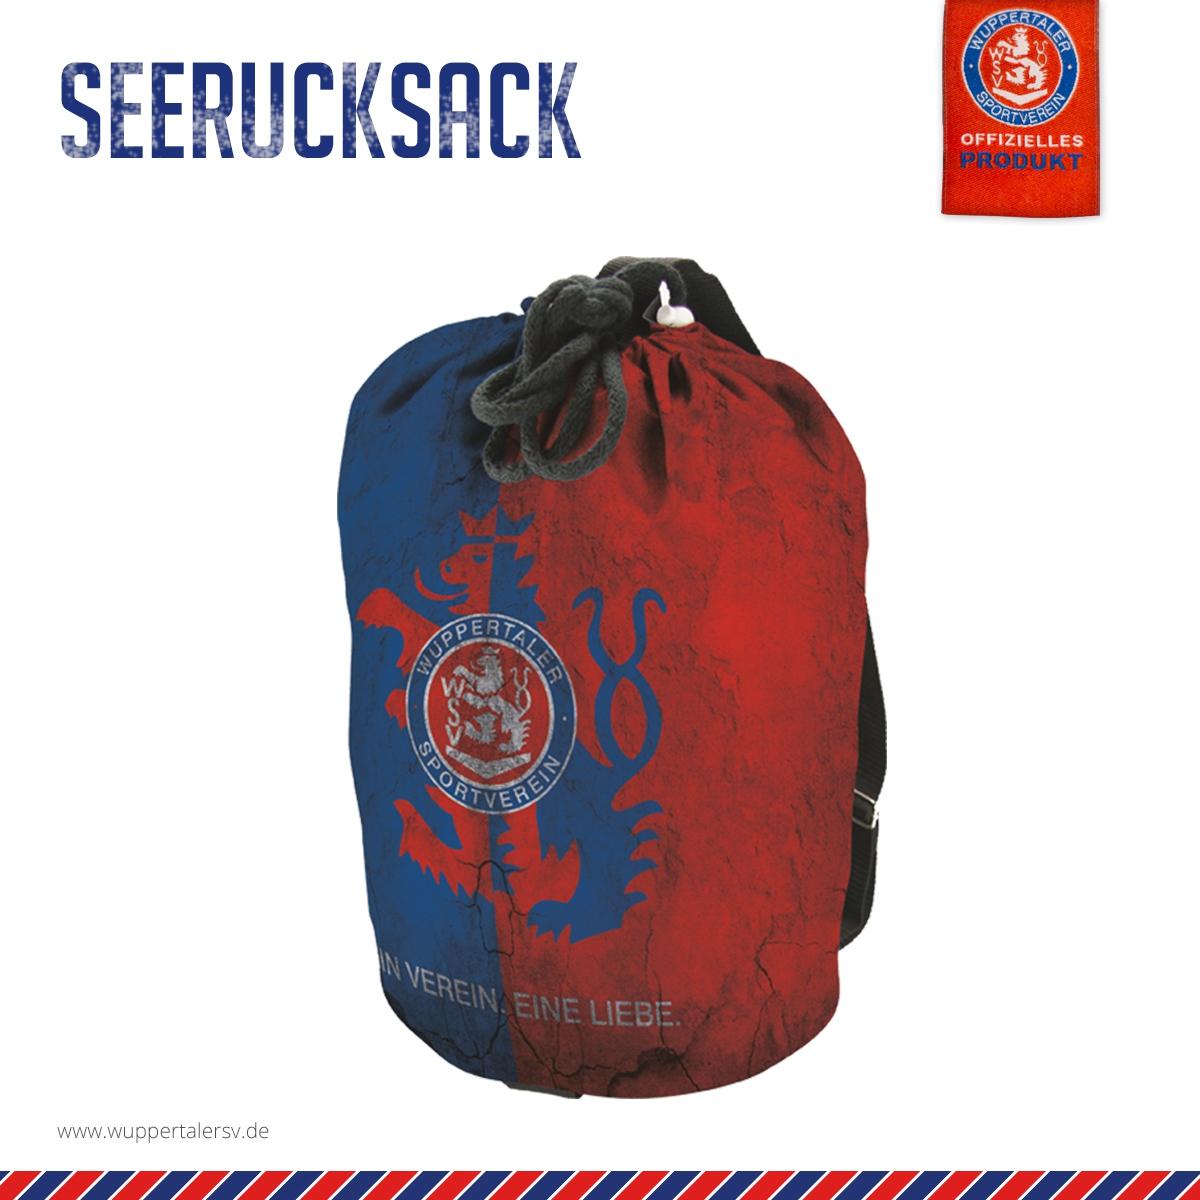 WSV-Seerucksack